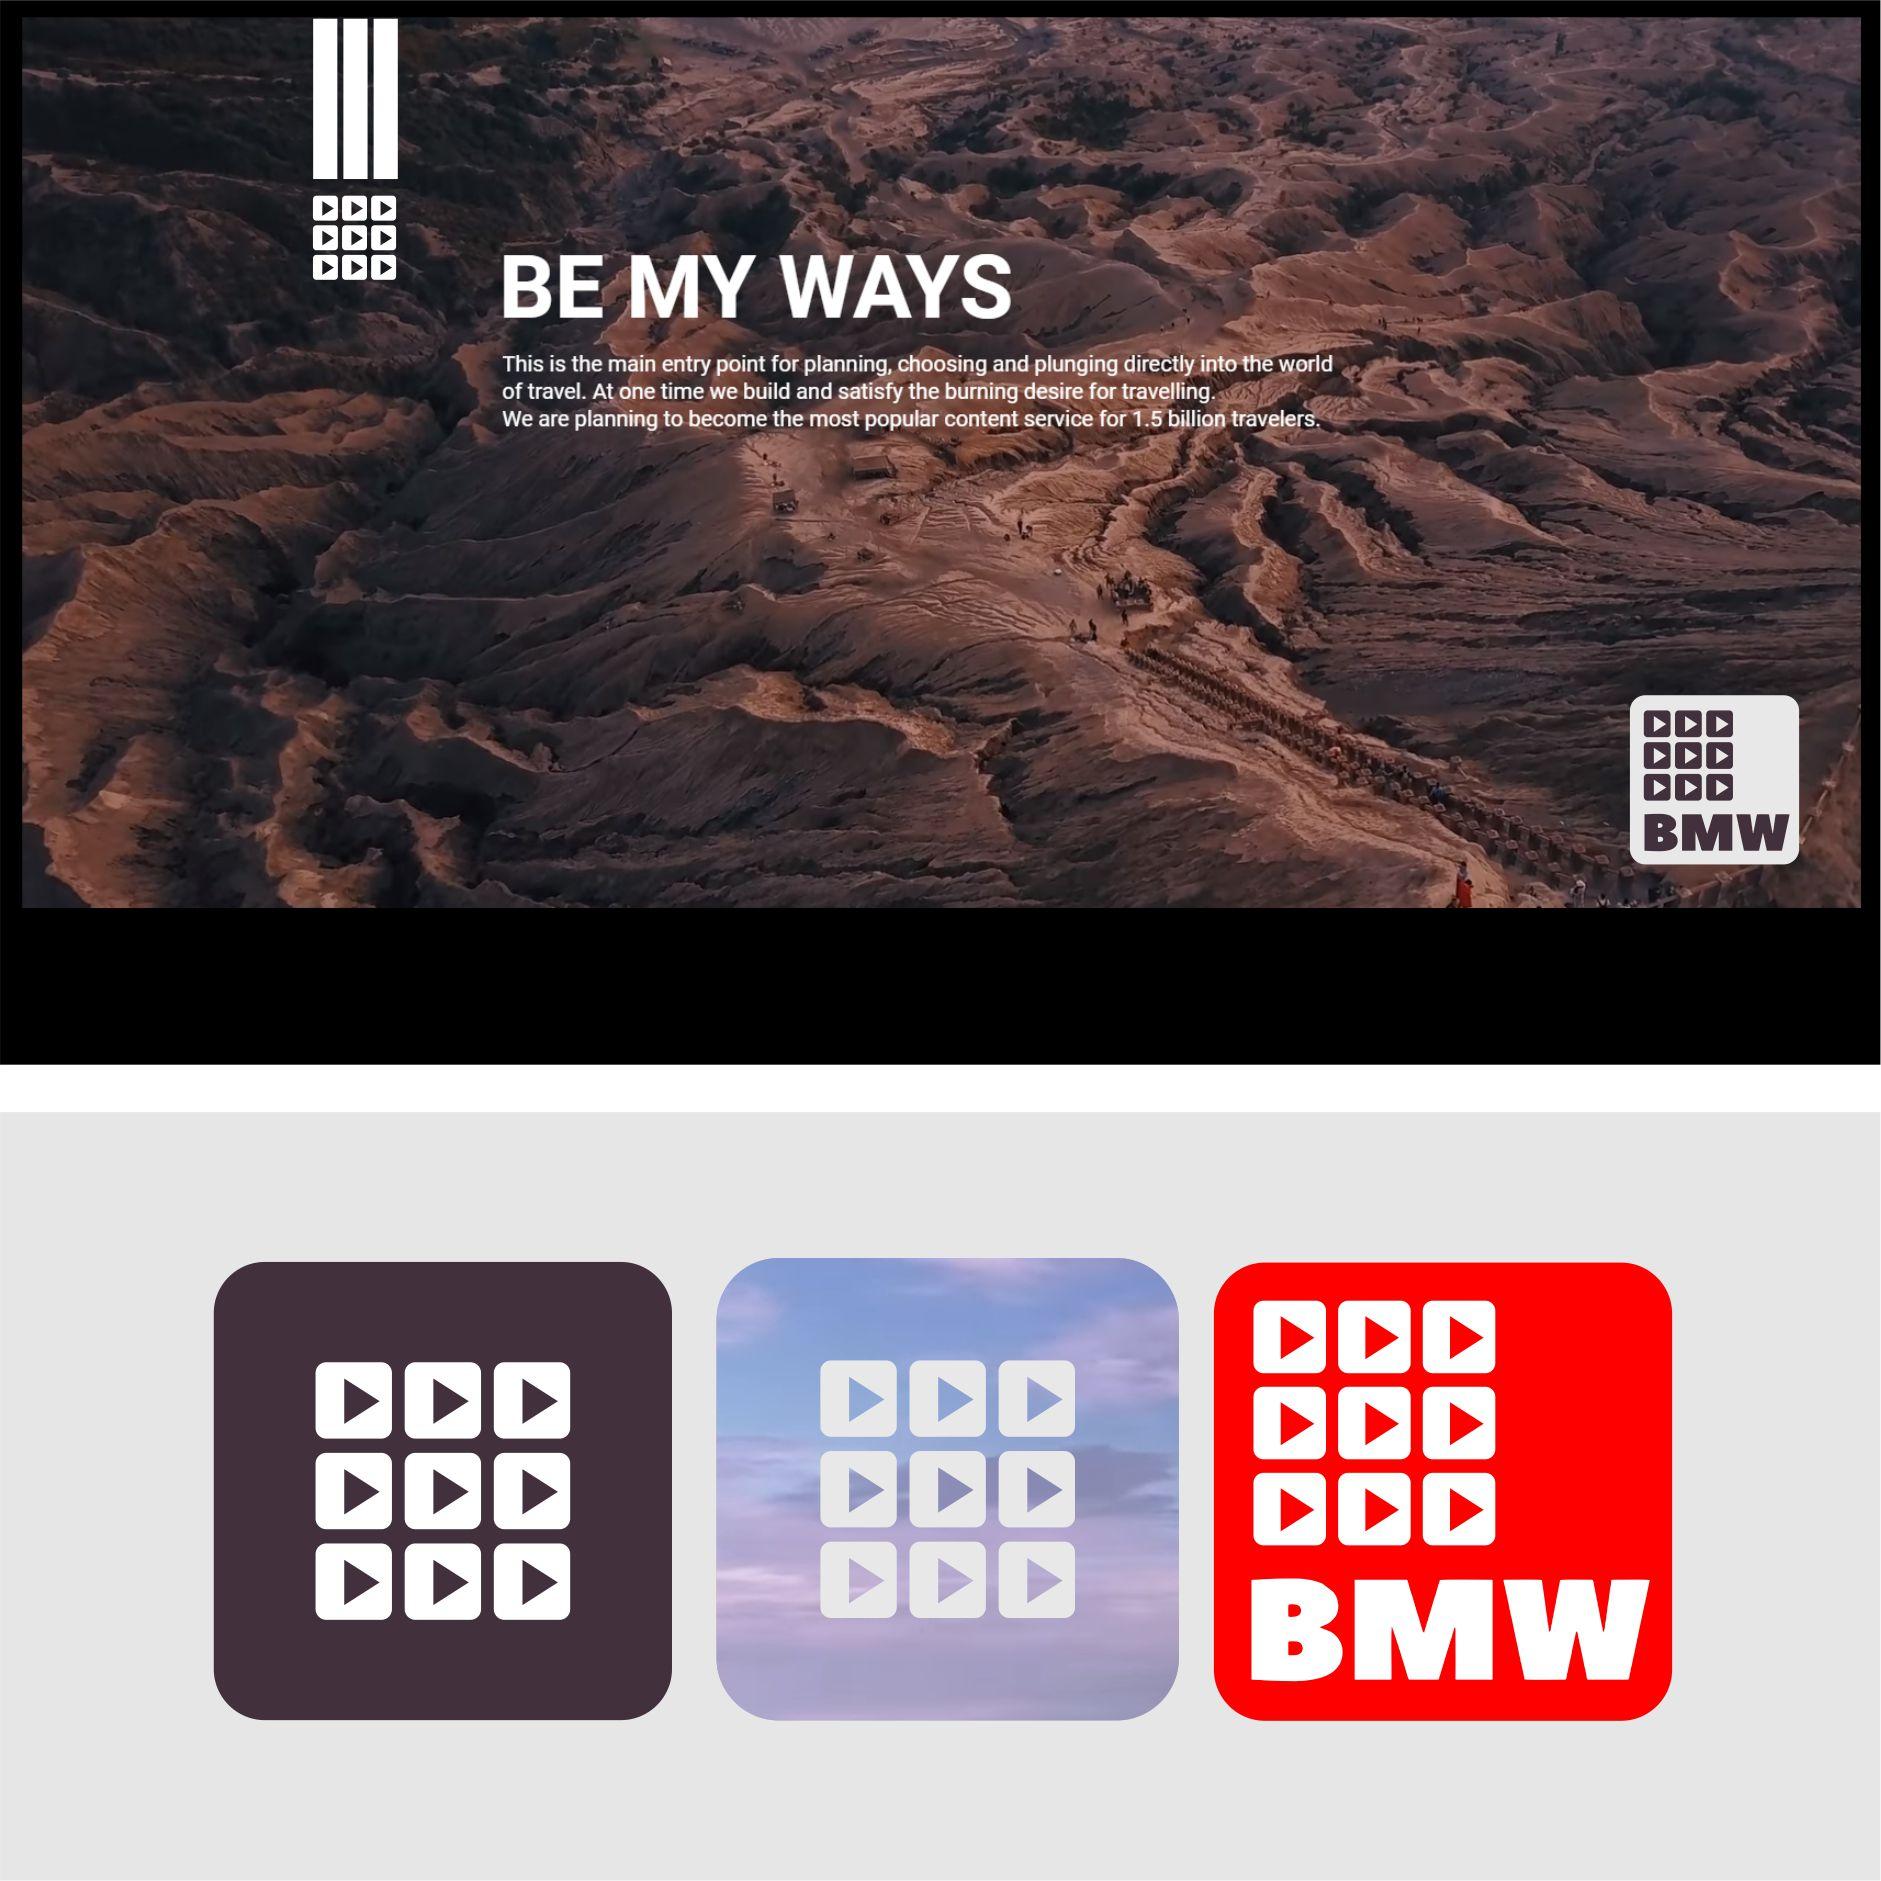 Разработка логотипа и иконки для Travel Video Platform фото f_6525c3c602d3b3c3.jpg